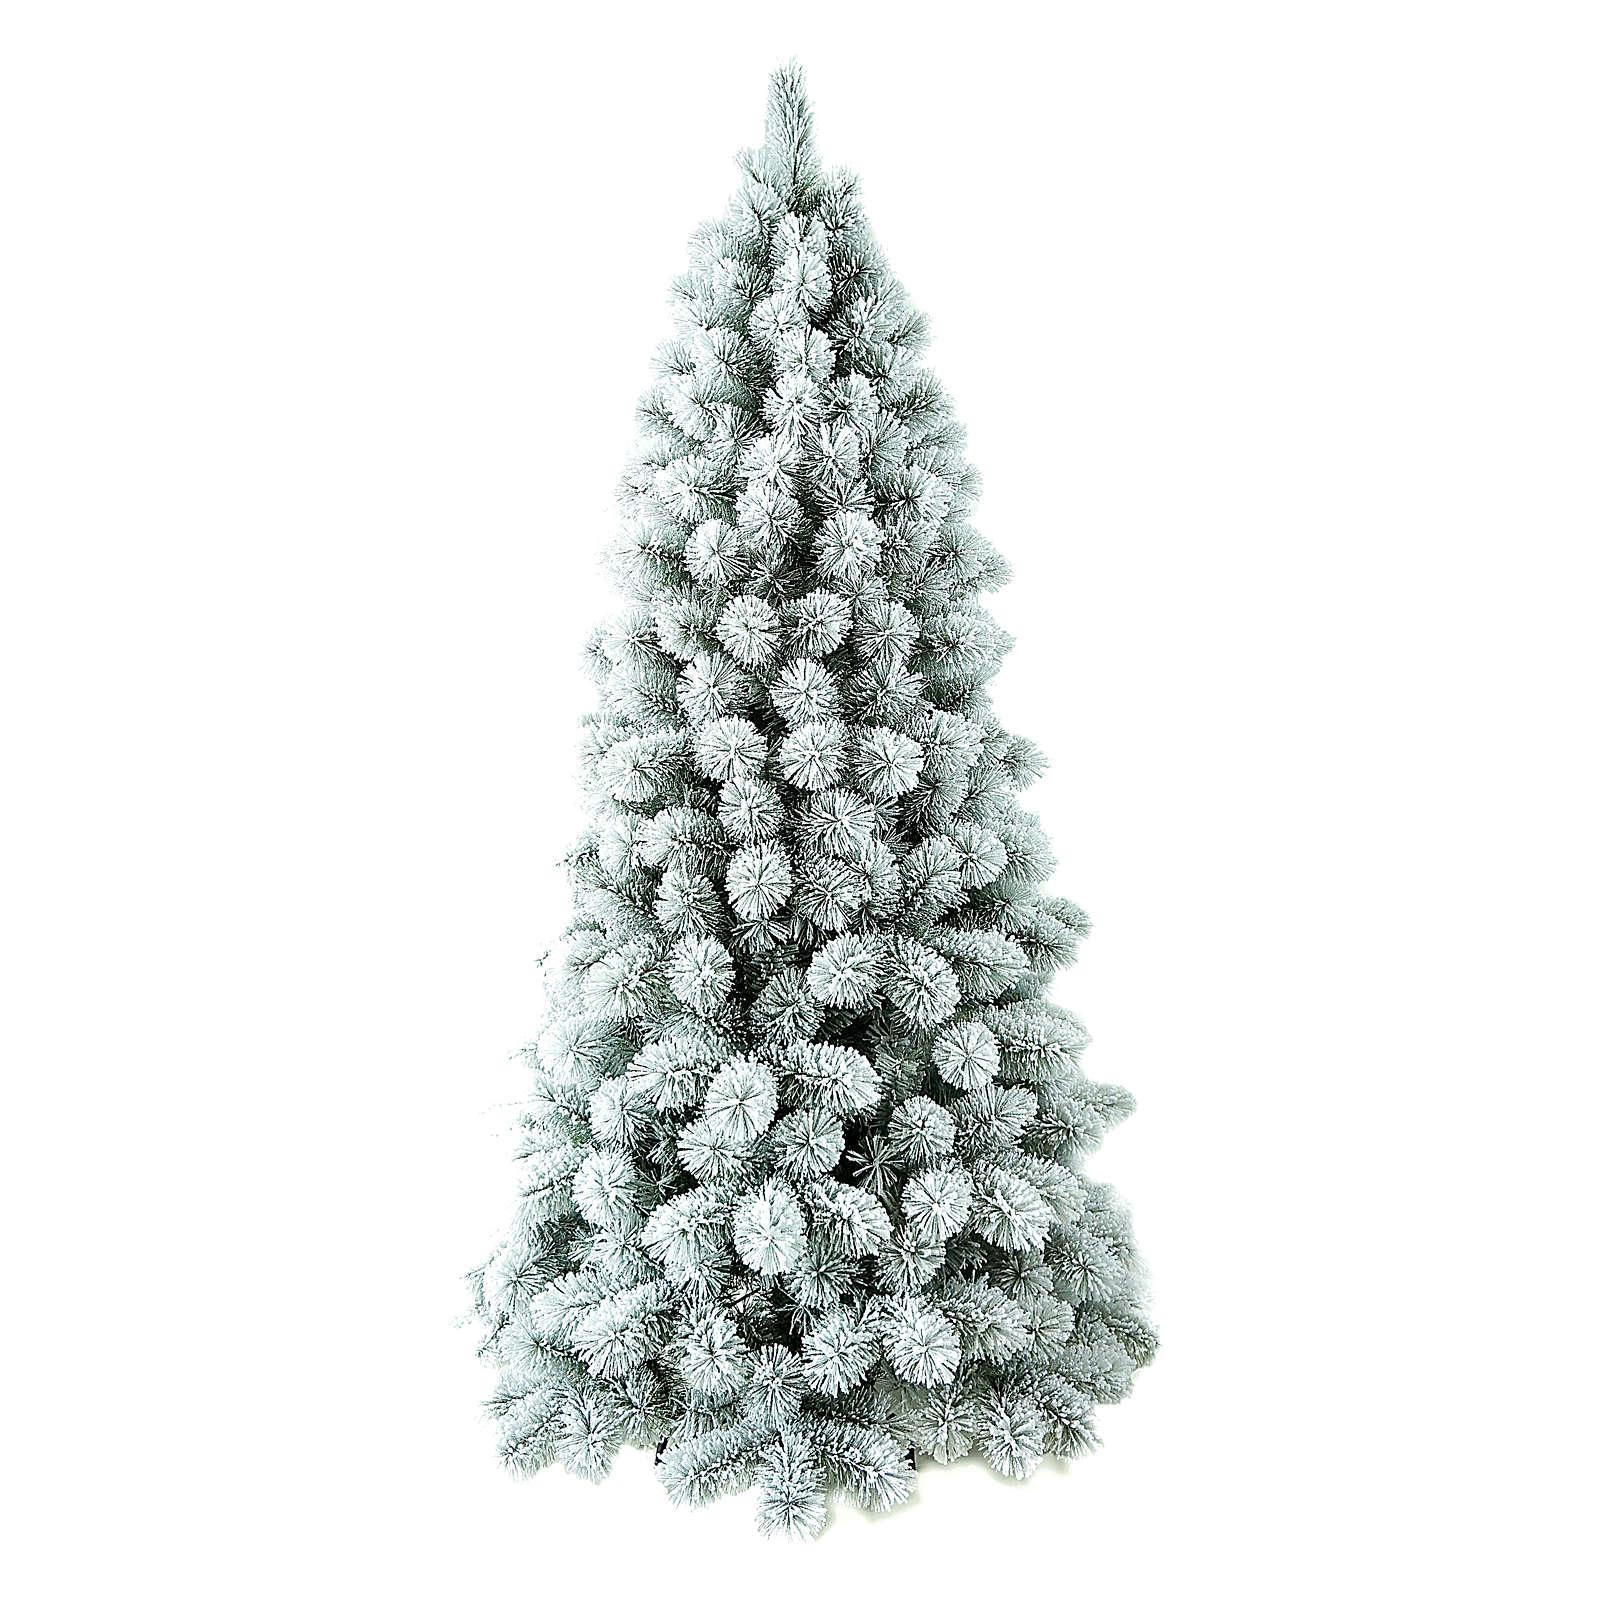 Albero di Natale 300 cm Floccato Pvc Nordend 3